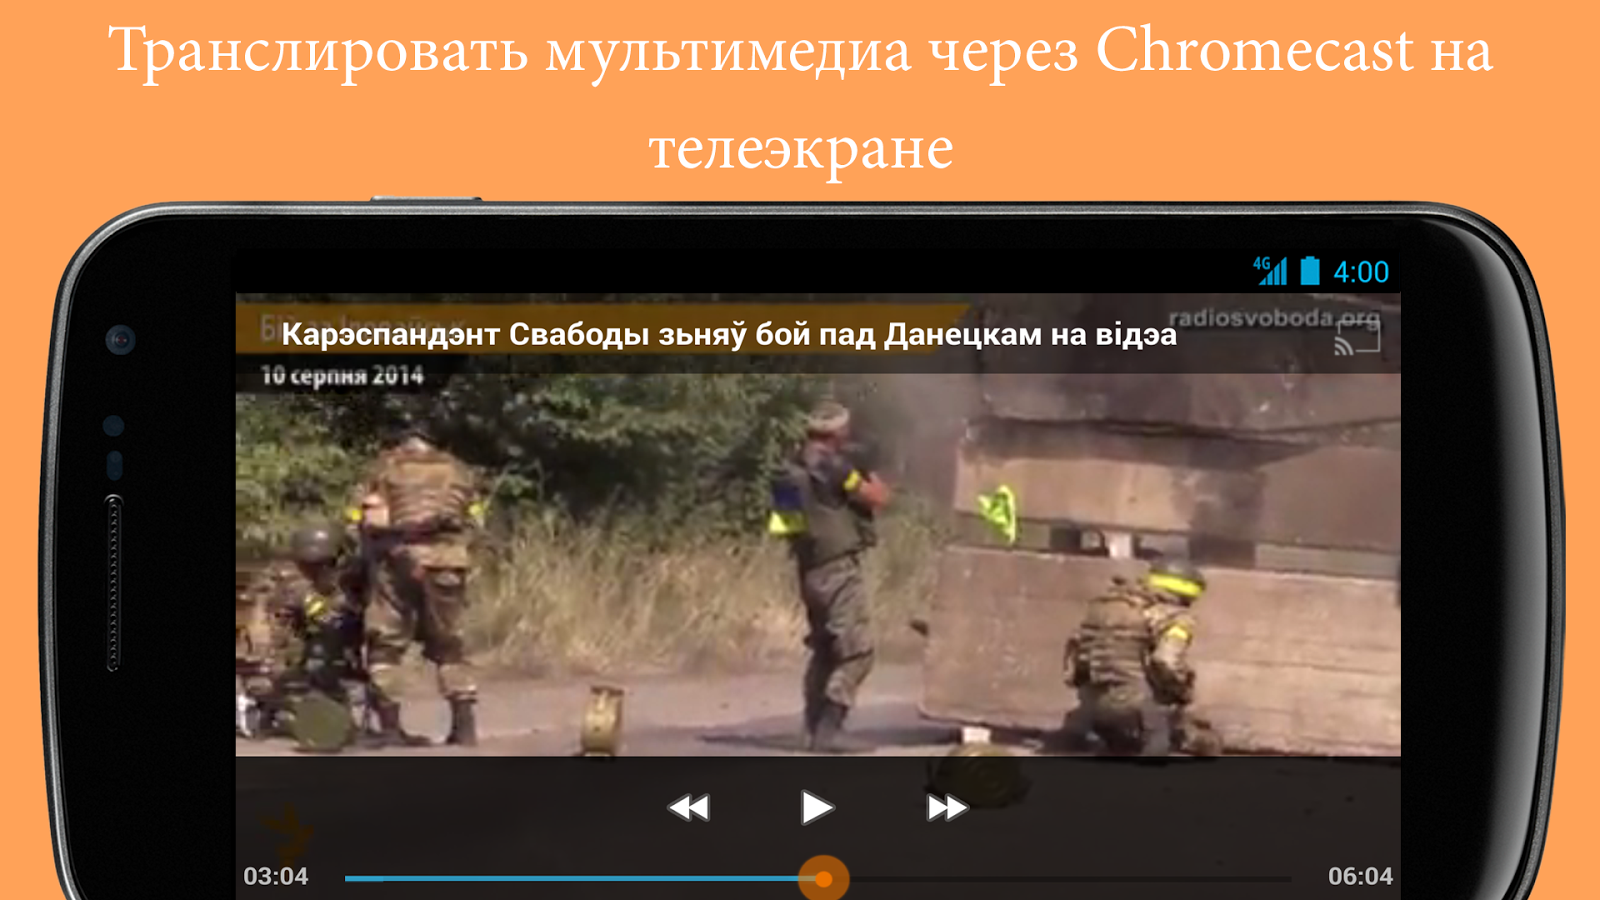 Тунеядство в беларуси последние новости хартия 97